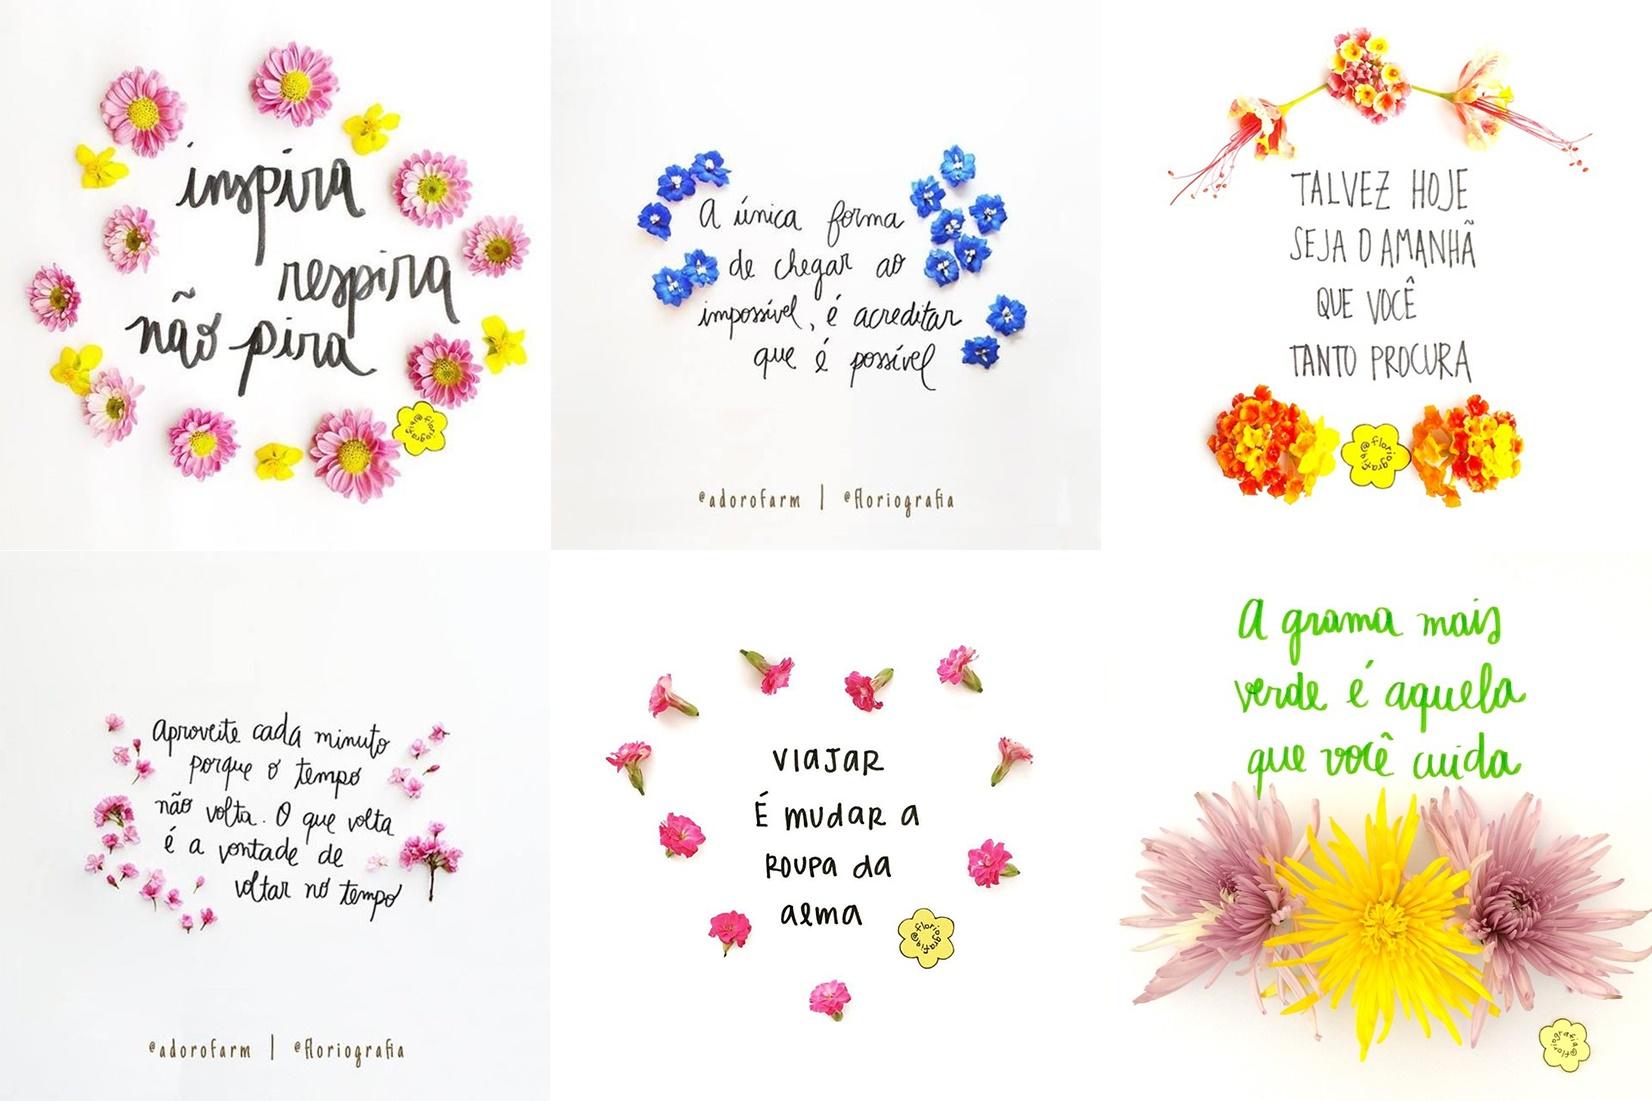 Frases Para Fotos No Instagram Reflexão Da Mensagem E Da